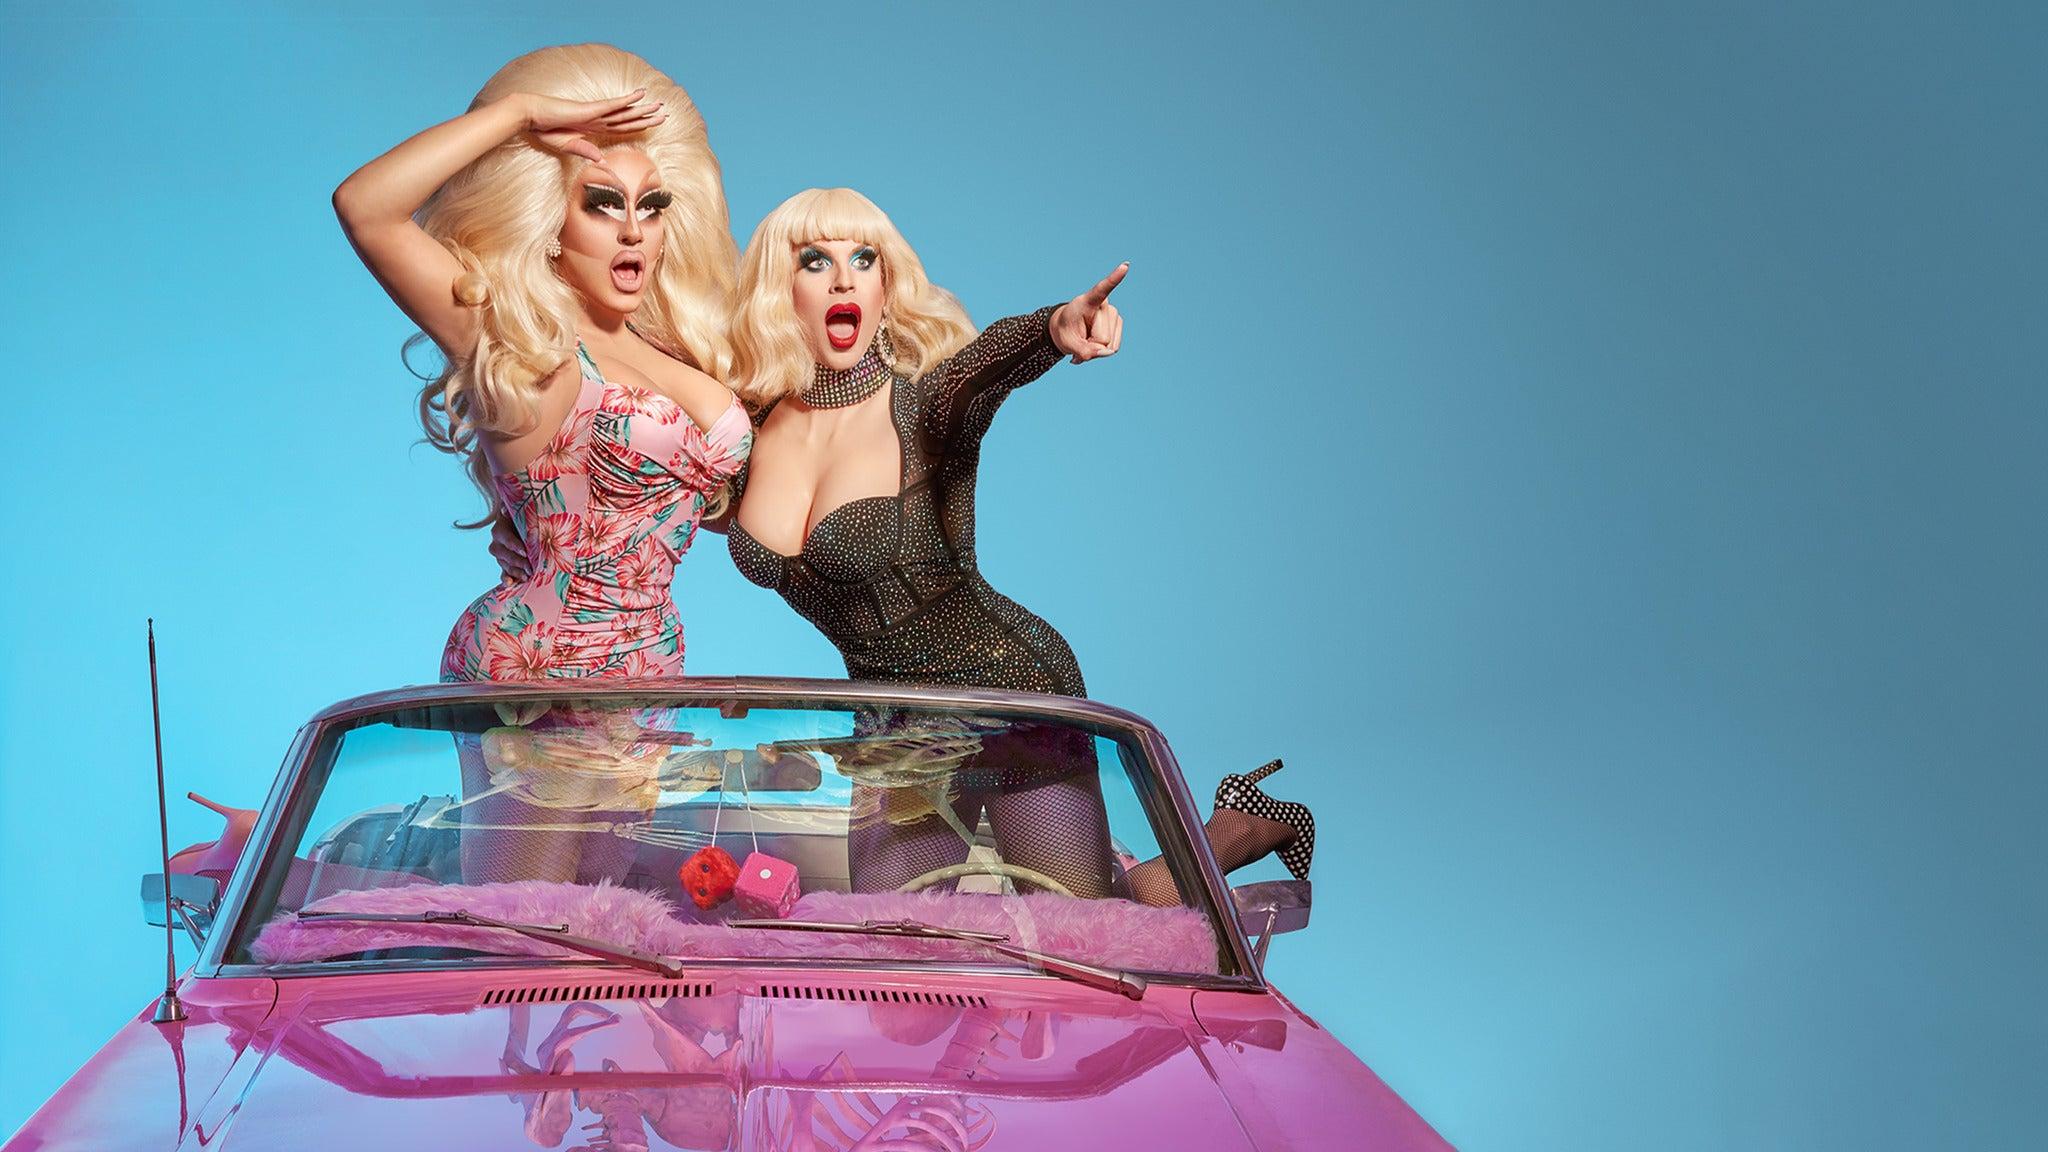 Trixie And Katya Live at Cobb Energy Performing Arts Centre - Atlanta, GA 30339